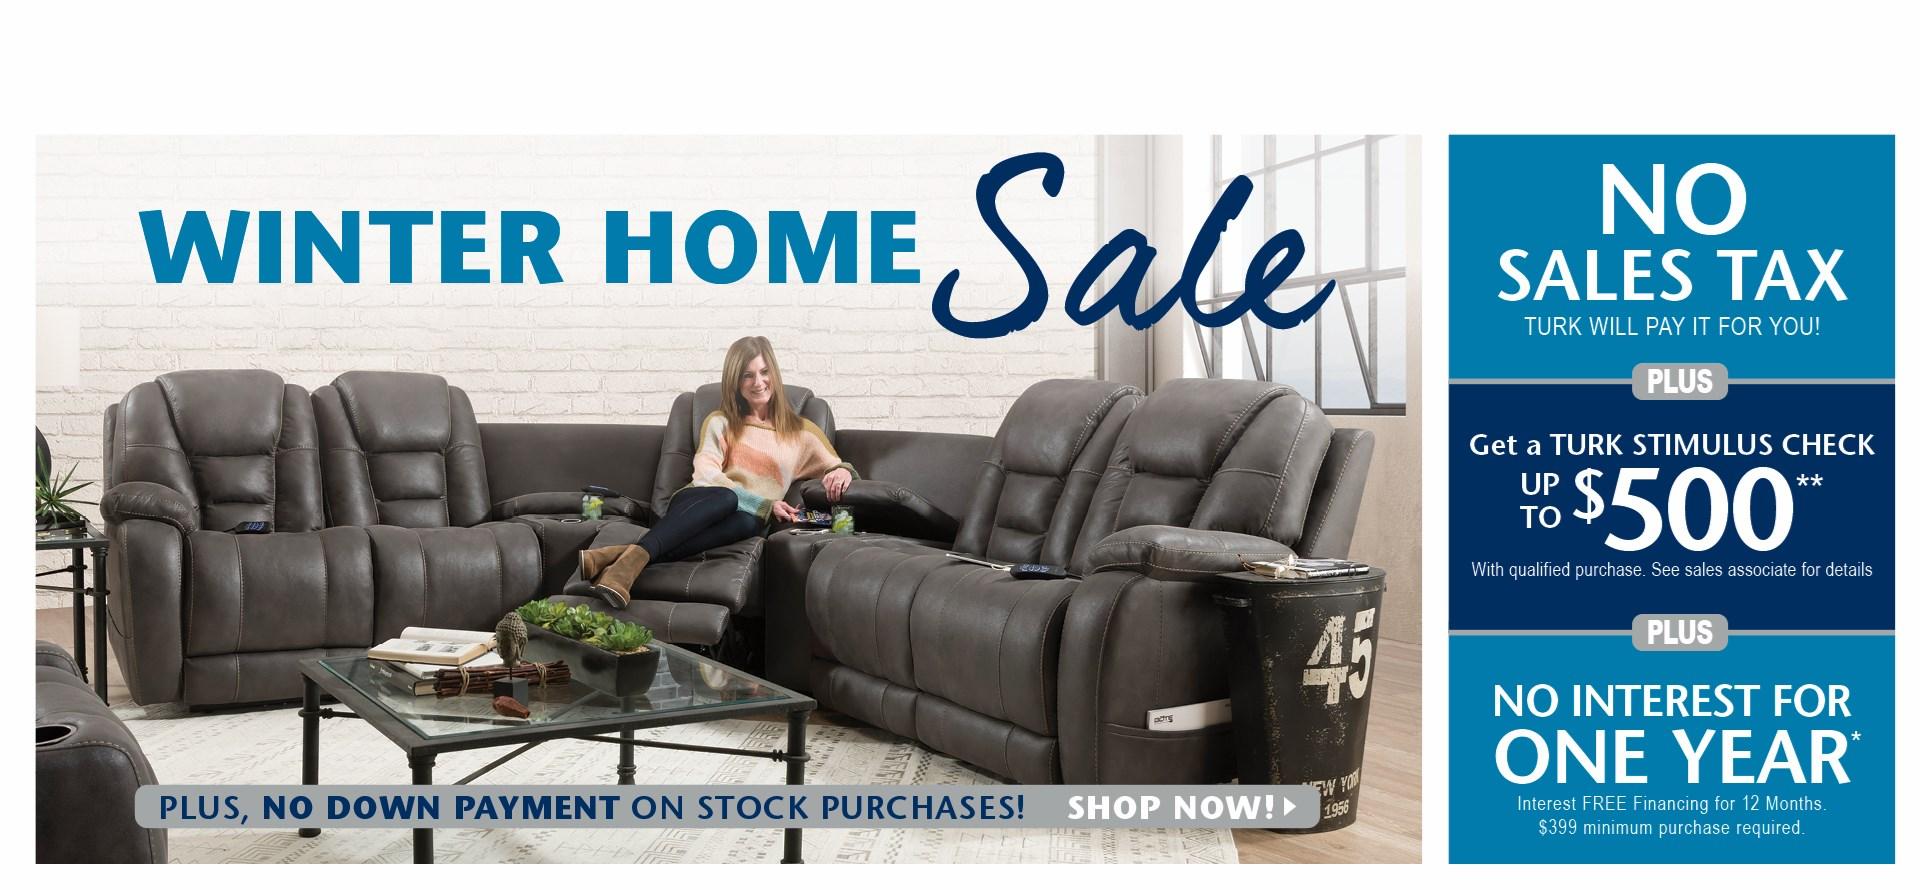 Winter Home Sale-1